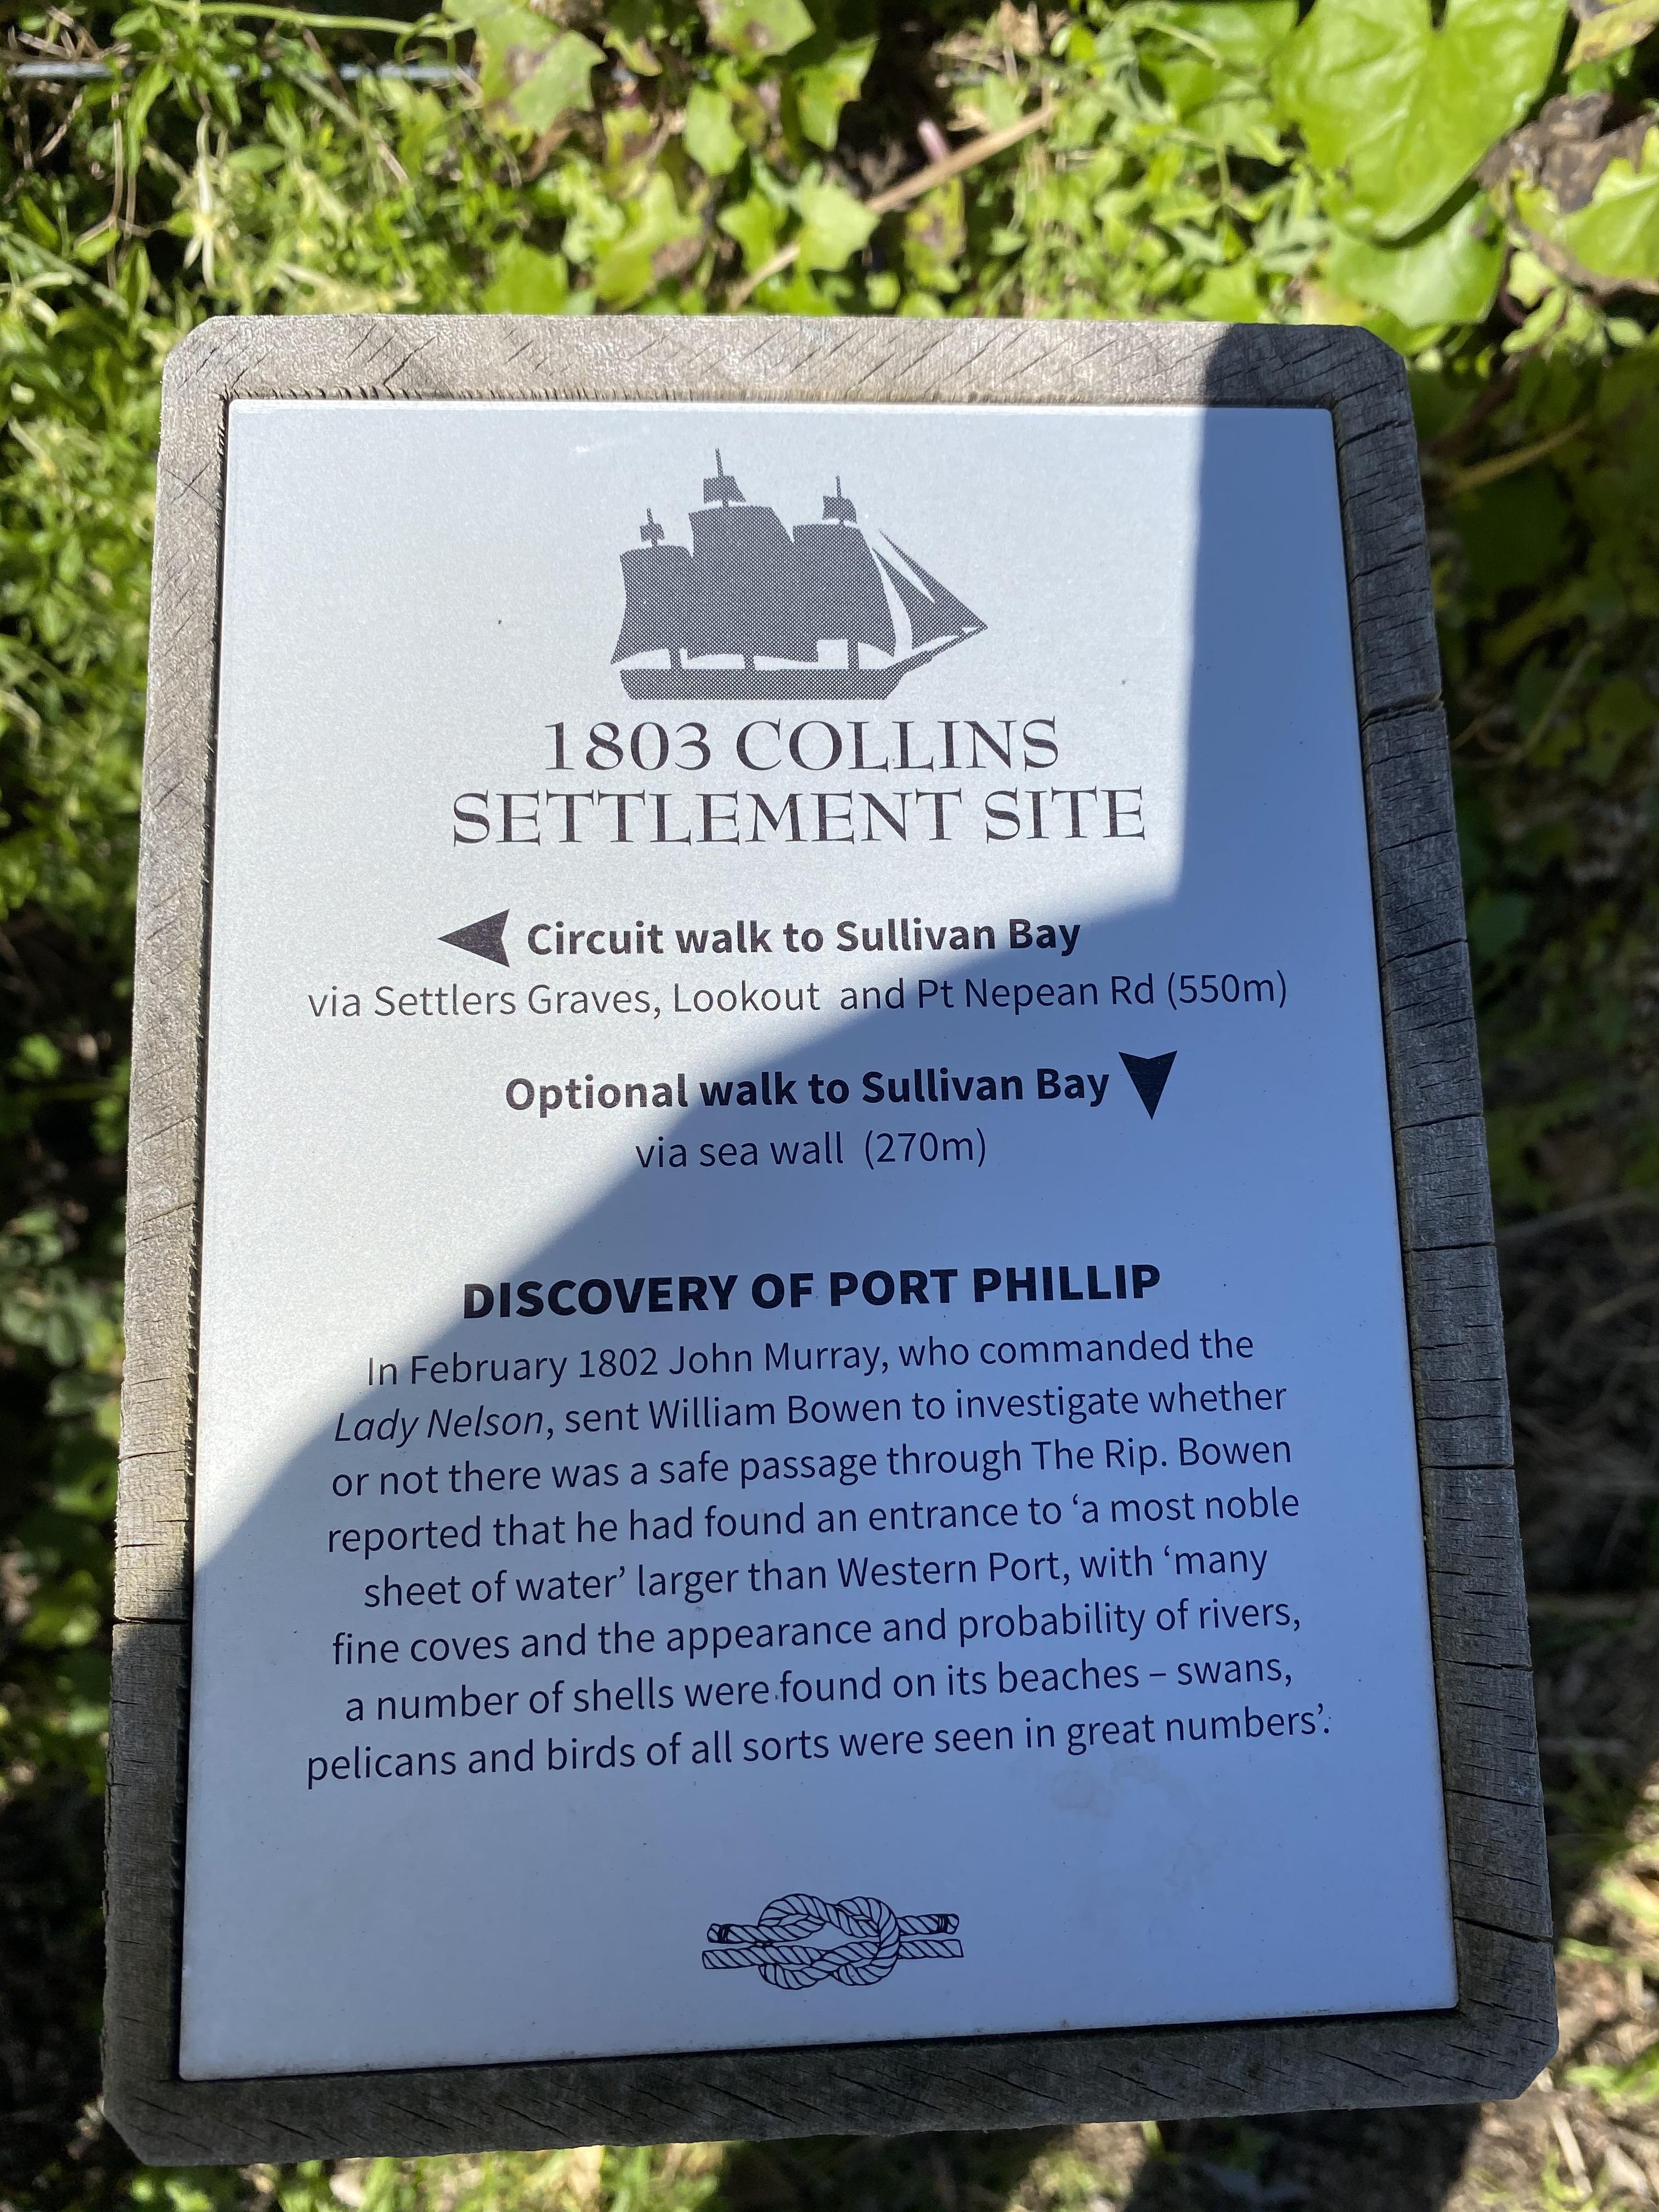 Plaque 1803 Collins Settlement Site